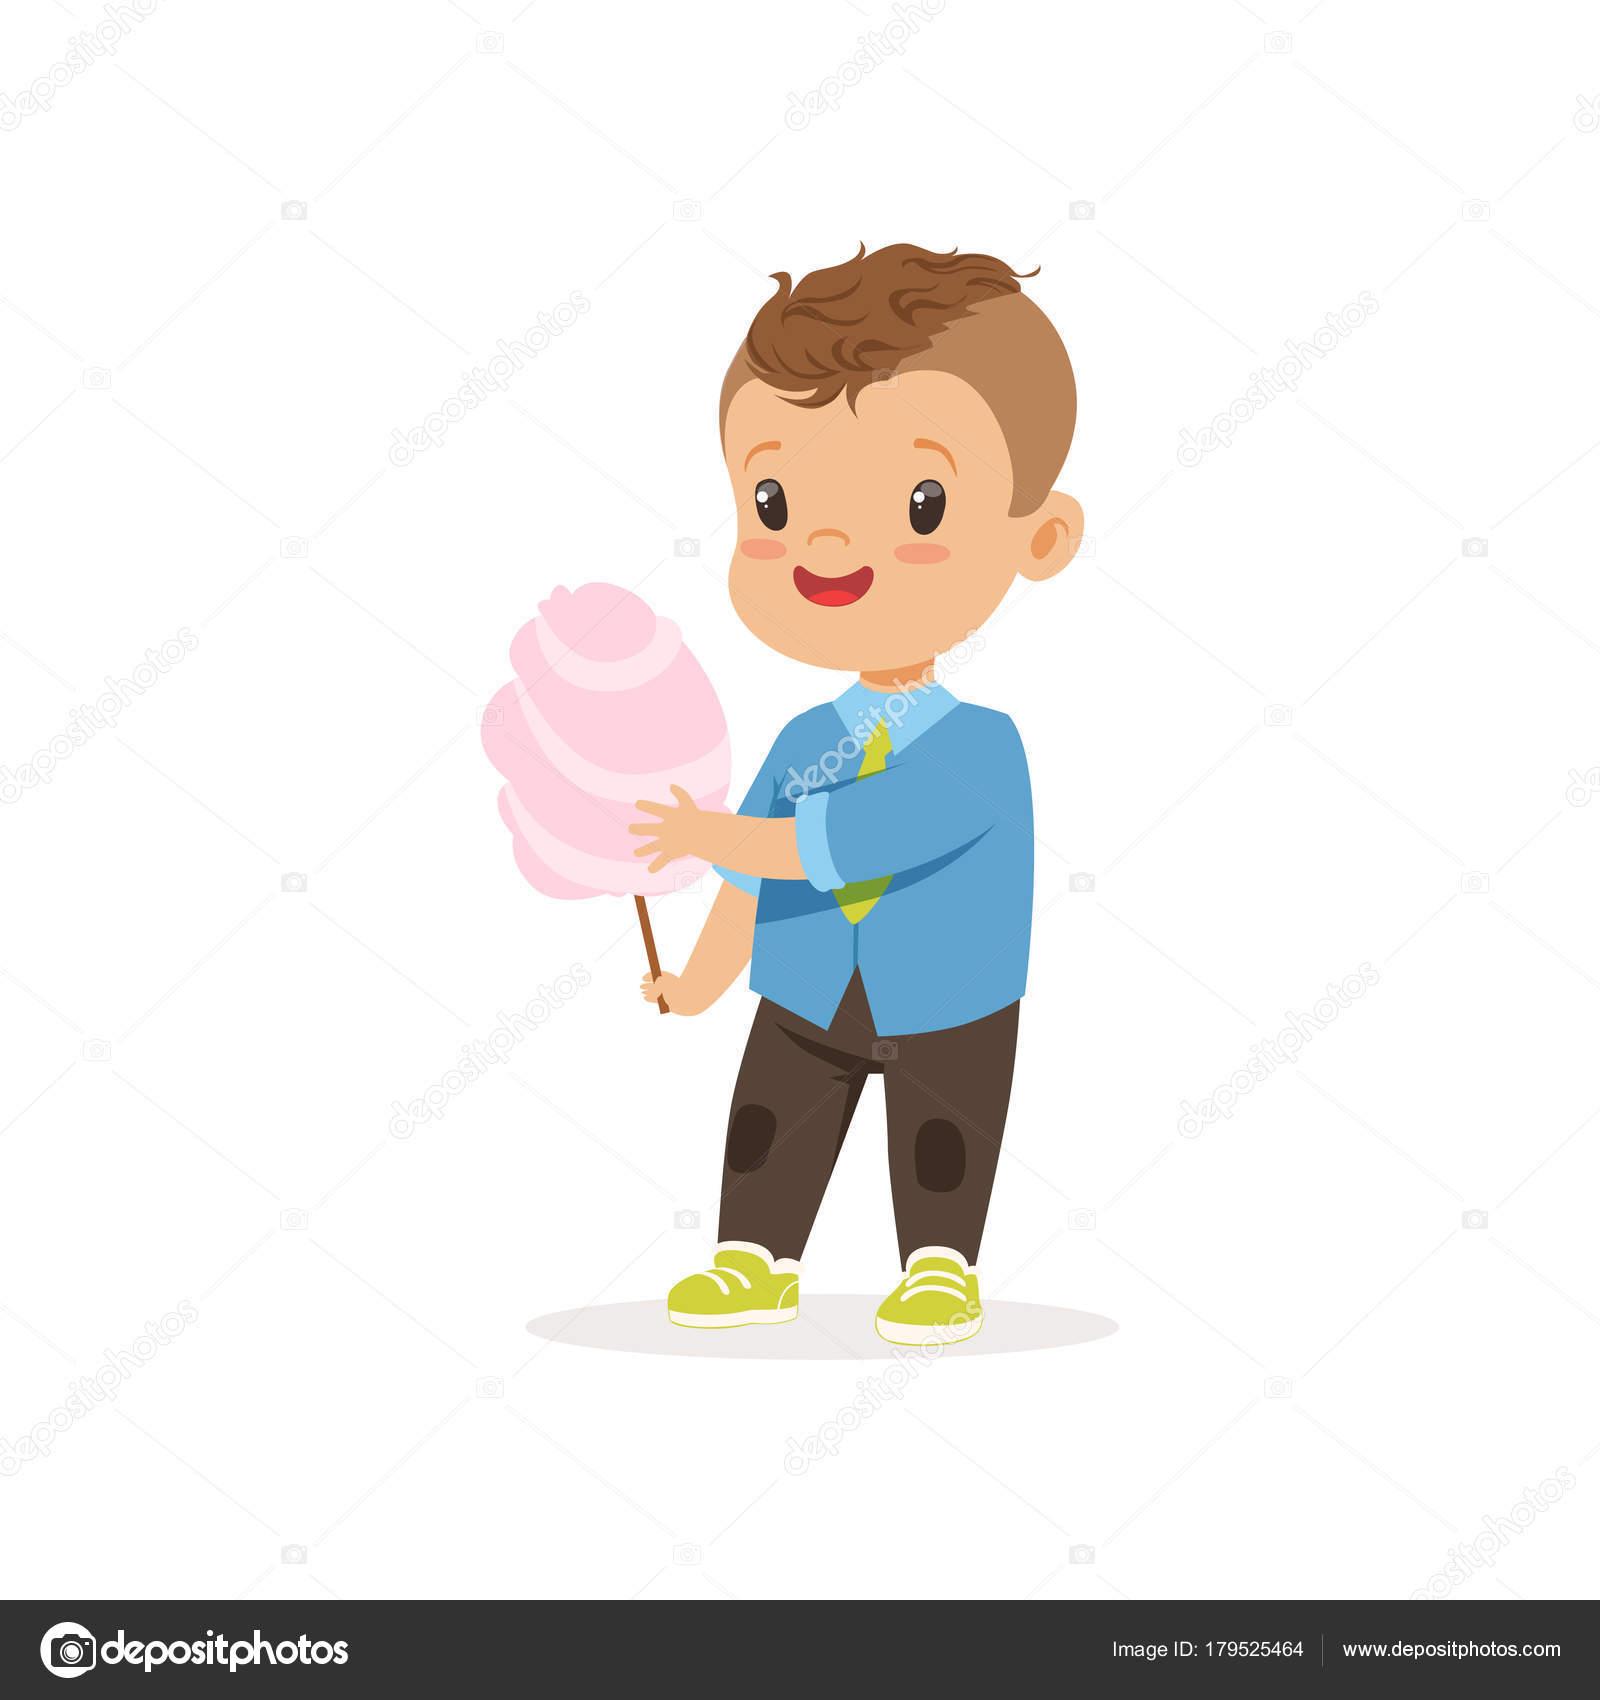 L gant enfant d ge pr scolaire debout avec douce barbe papa dessin anim petit personnage - Barbe a papa dessin anime ...